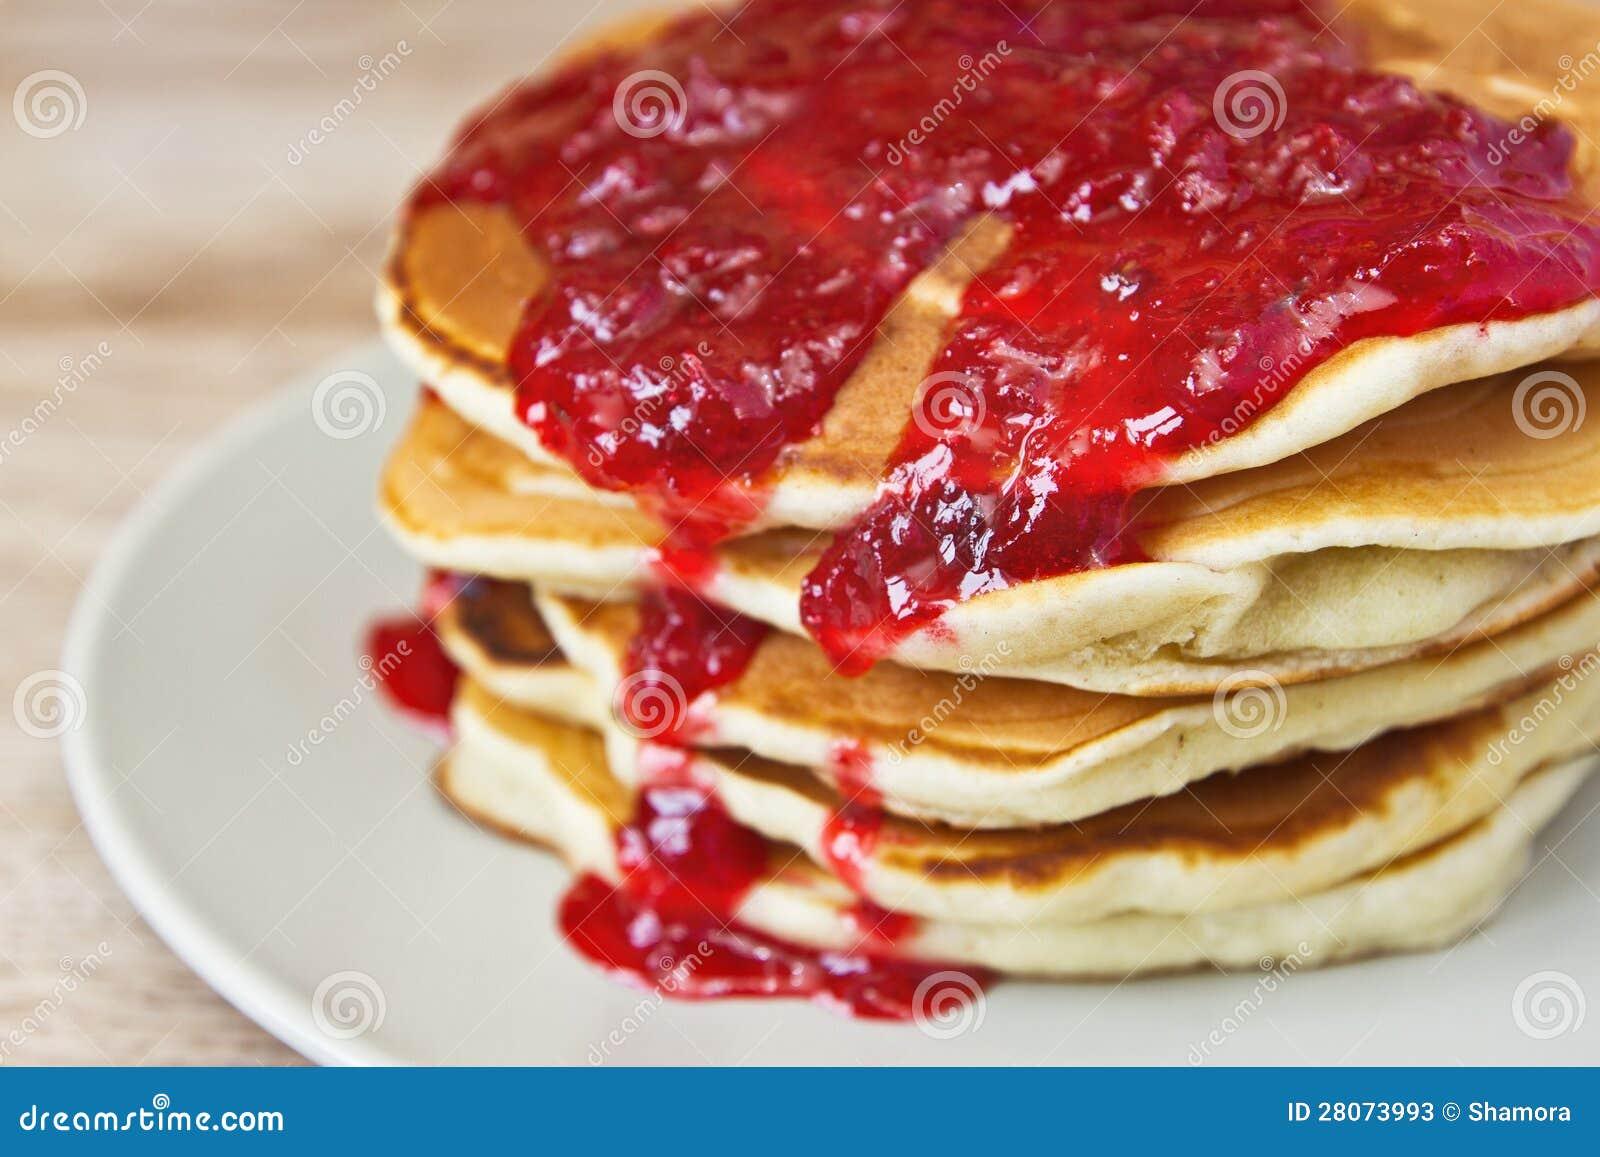 Pancakes With Jam Closeup Stock Photos Image 28073993